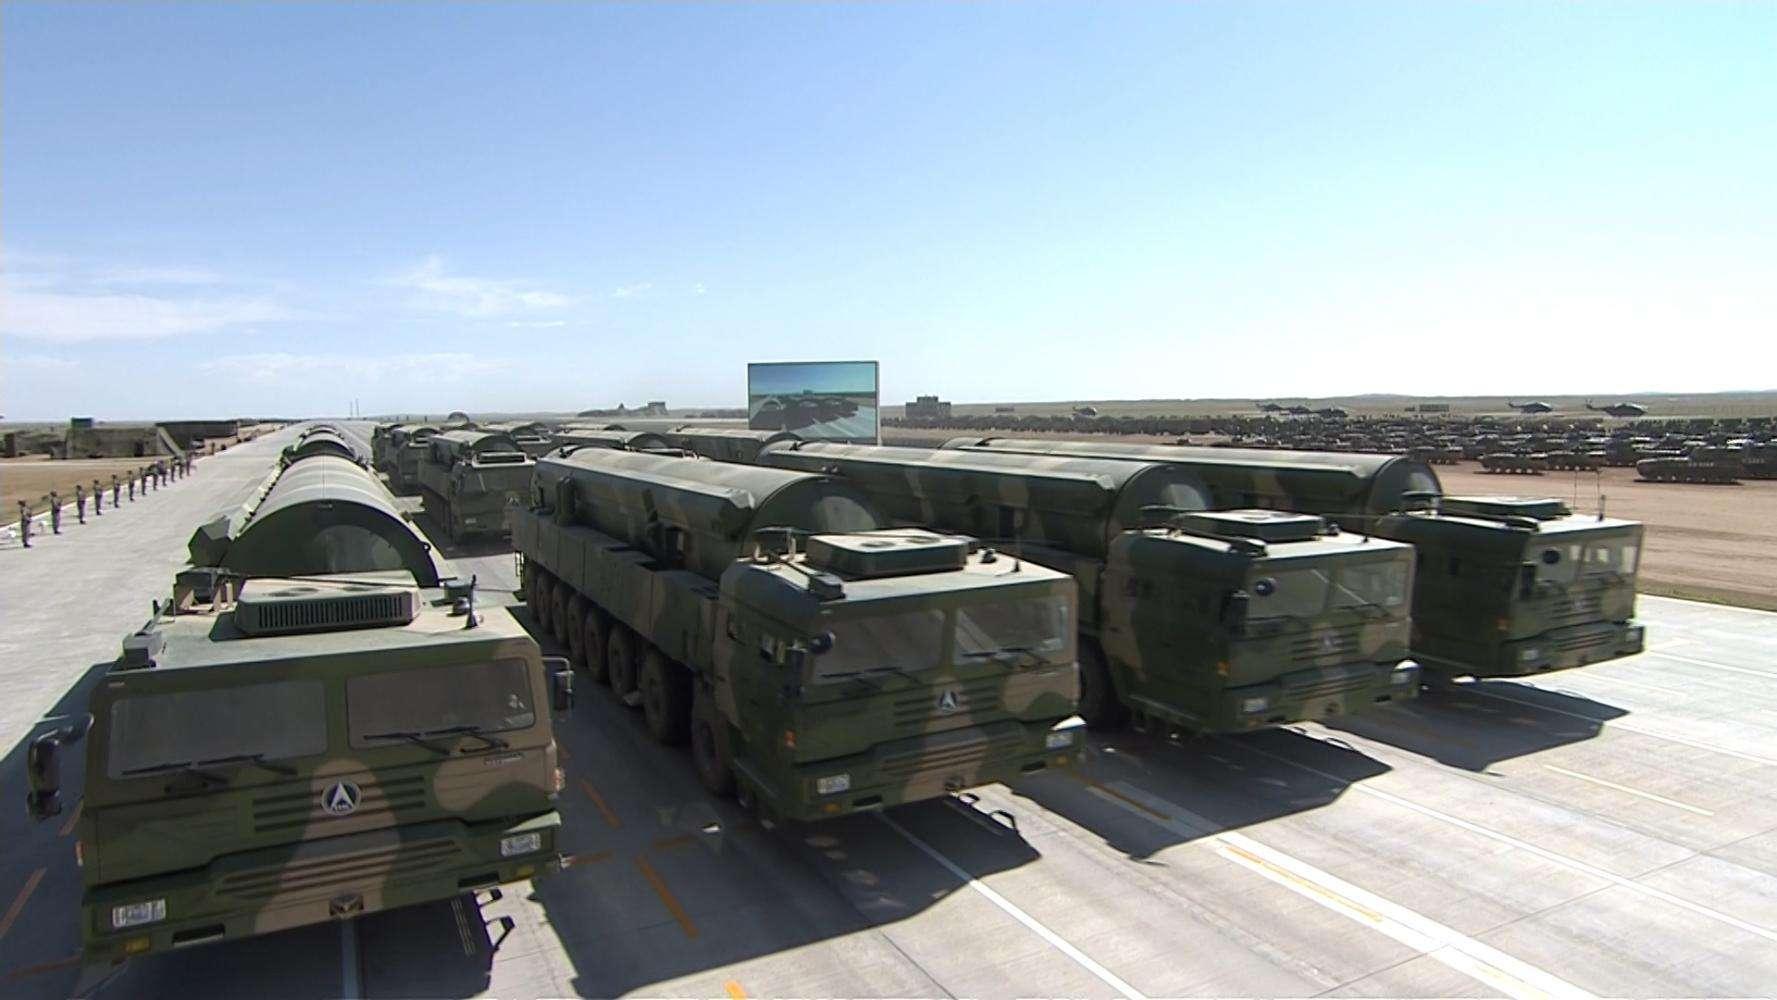 韩国正研制远程地空导弹 为萨德系统作补充